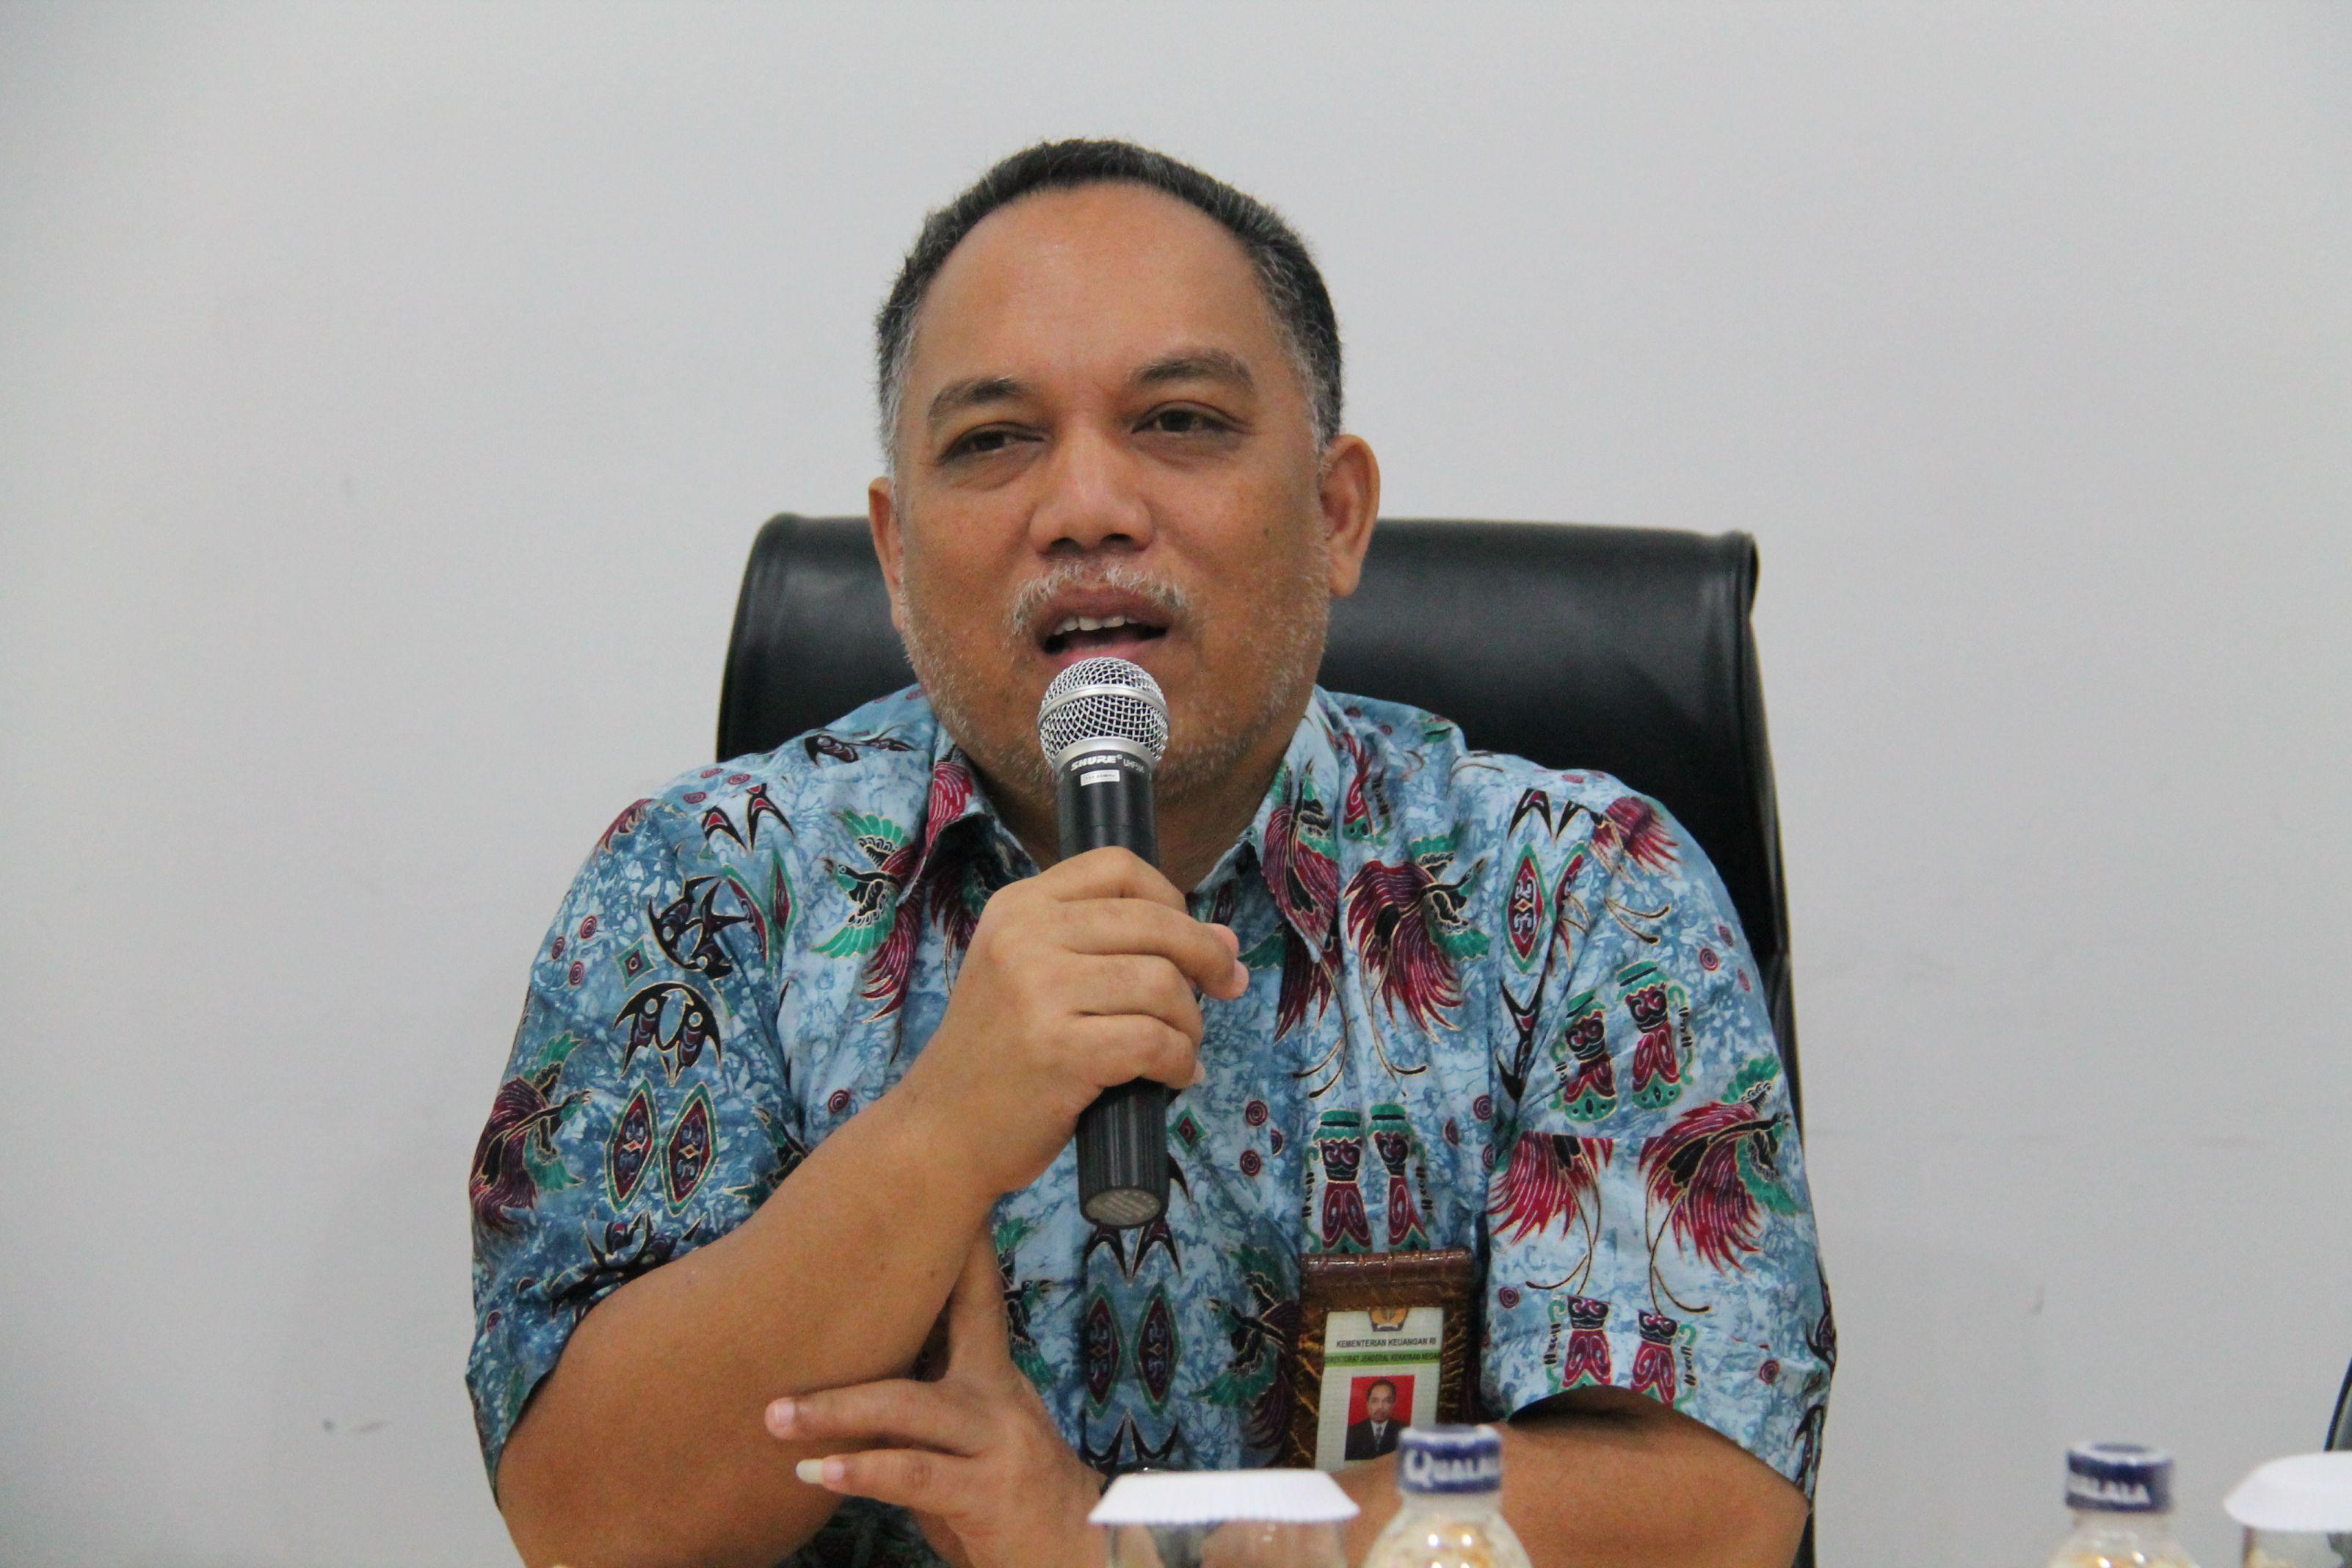 Pembinaan Kakanwil DJKN Papabaruku dan Sosialisasi Kartu Kredit Pemerintah